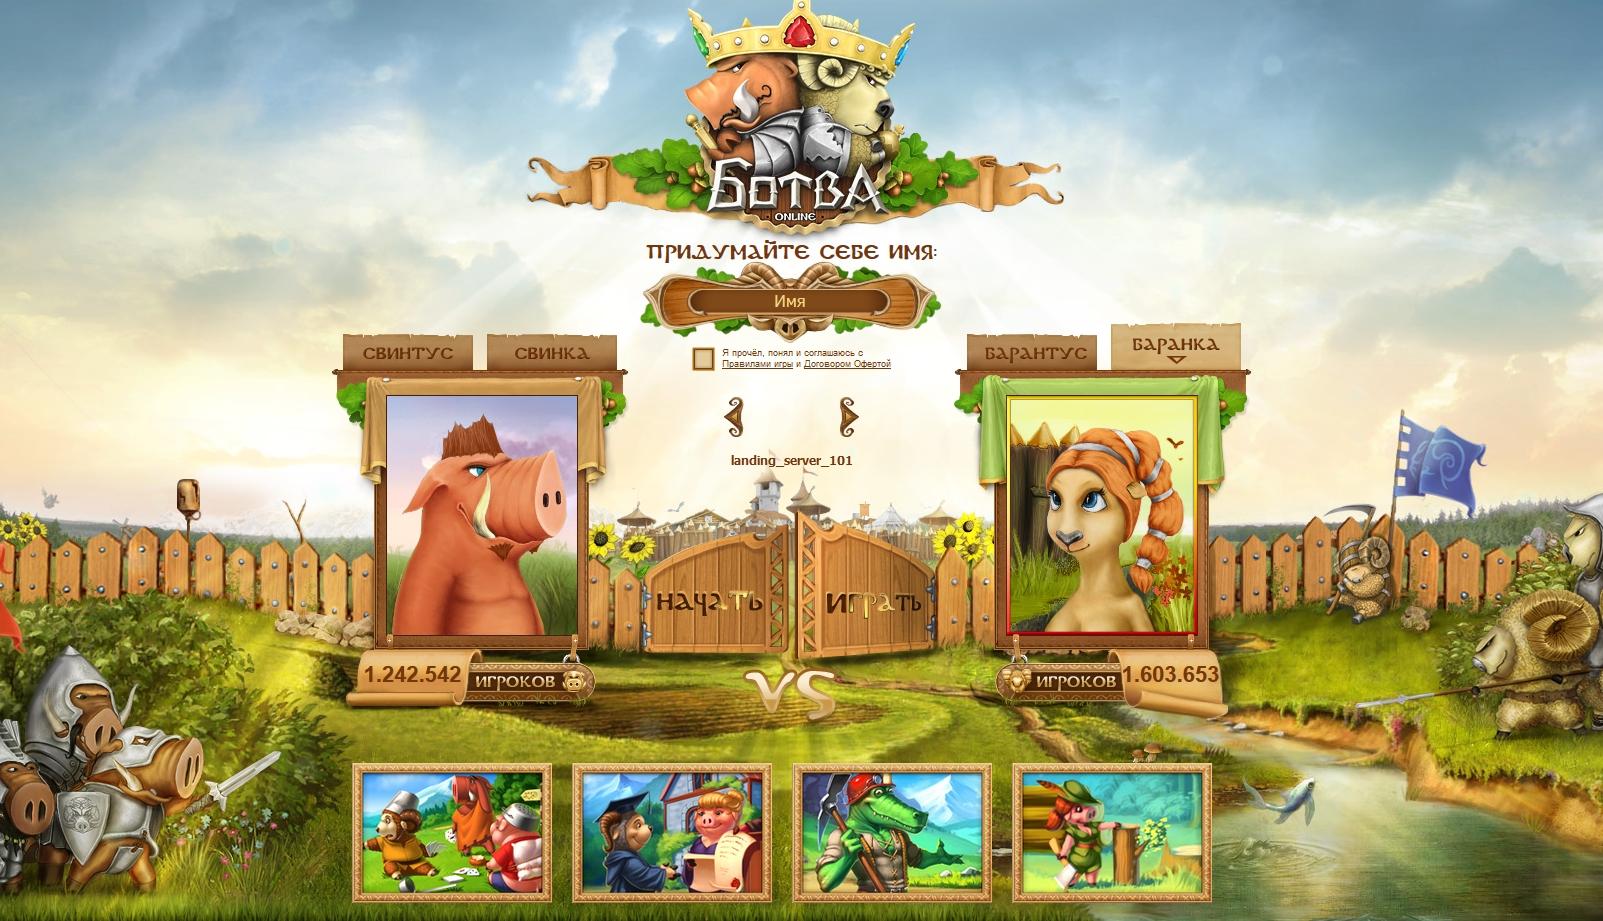 ботва играть онлайн бесплатно